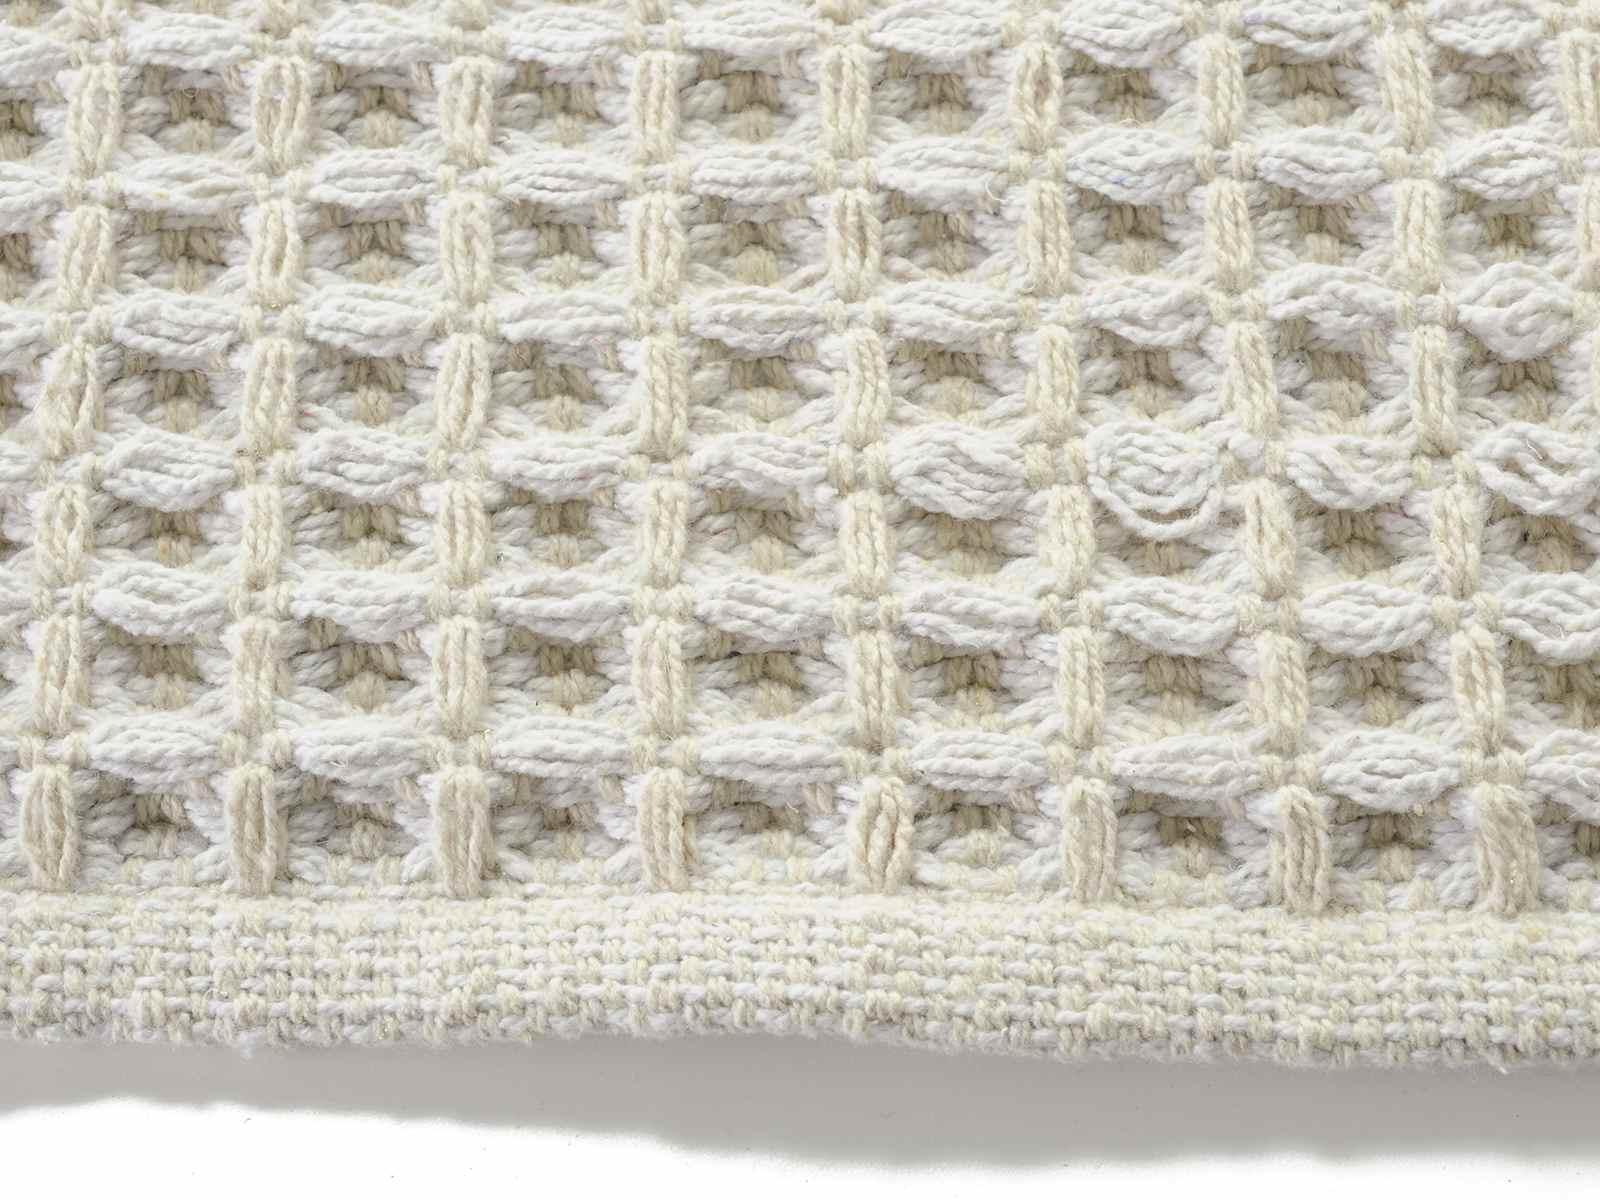 Alfombras de algodon awesome alfombra redonda tejida - Alfombras de algodon ...